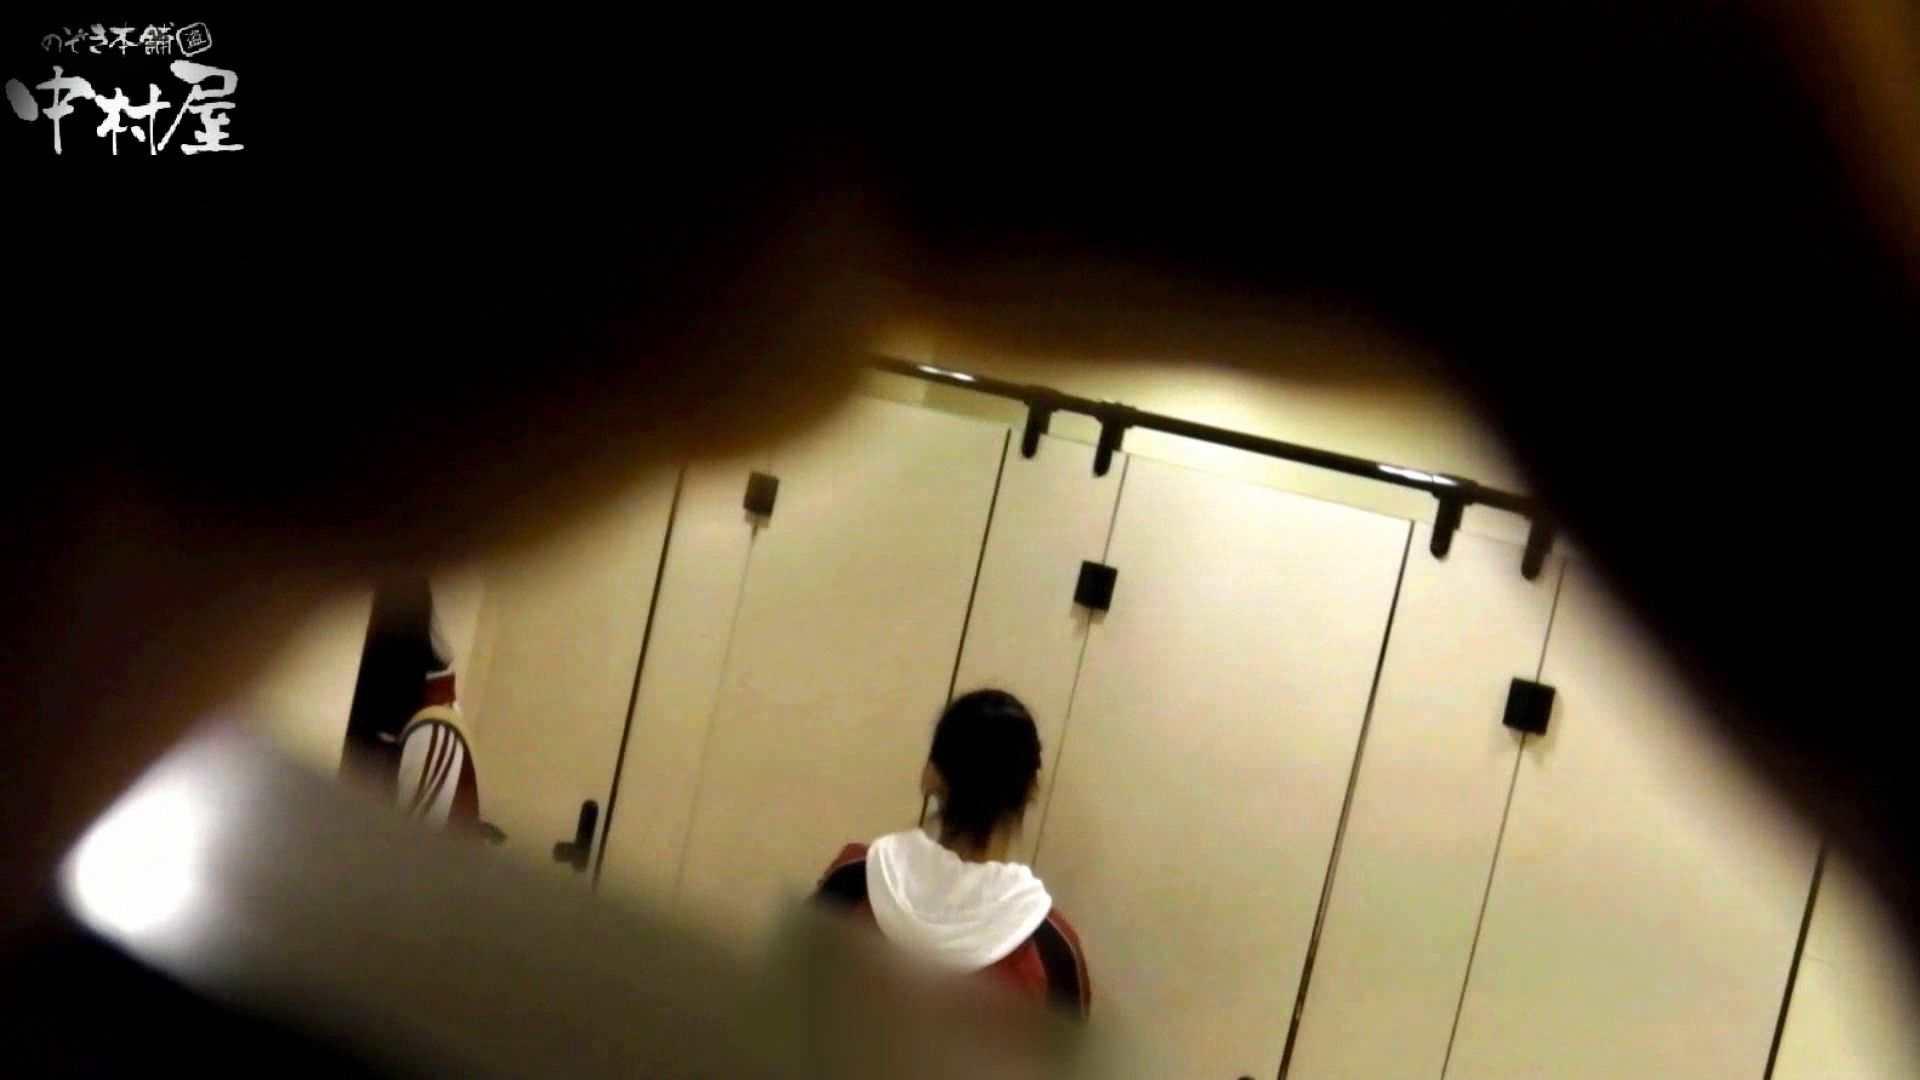 新世界の射窓 No70 世界の窓70 八頭身美女のエロい中腰 美女丸裸 | 洗面所突入  86pic 39